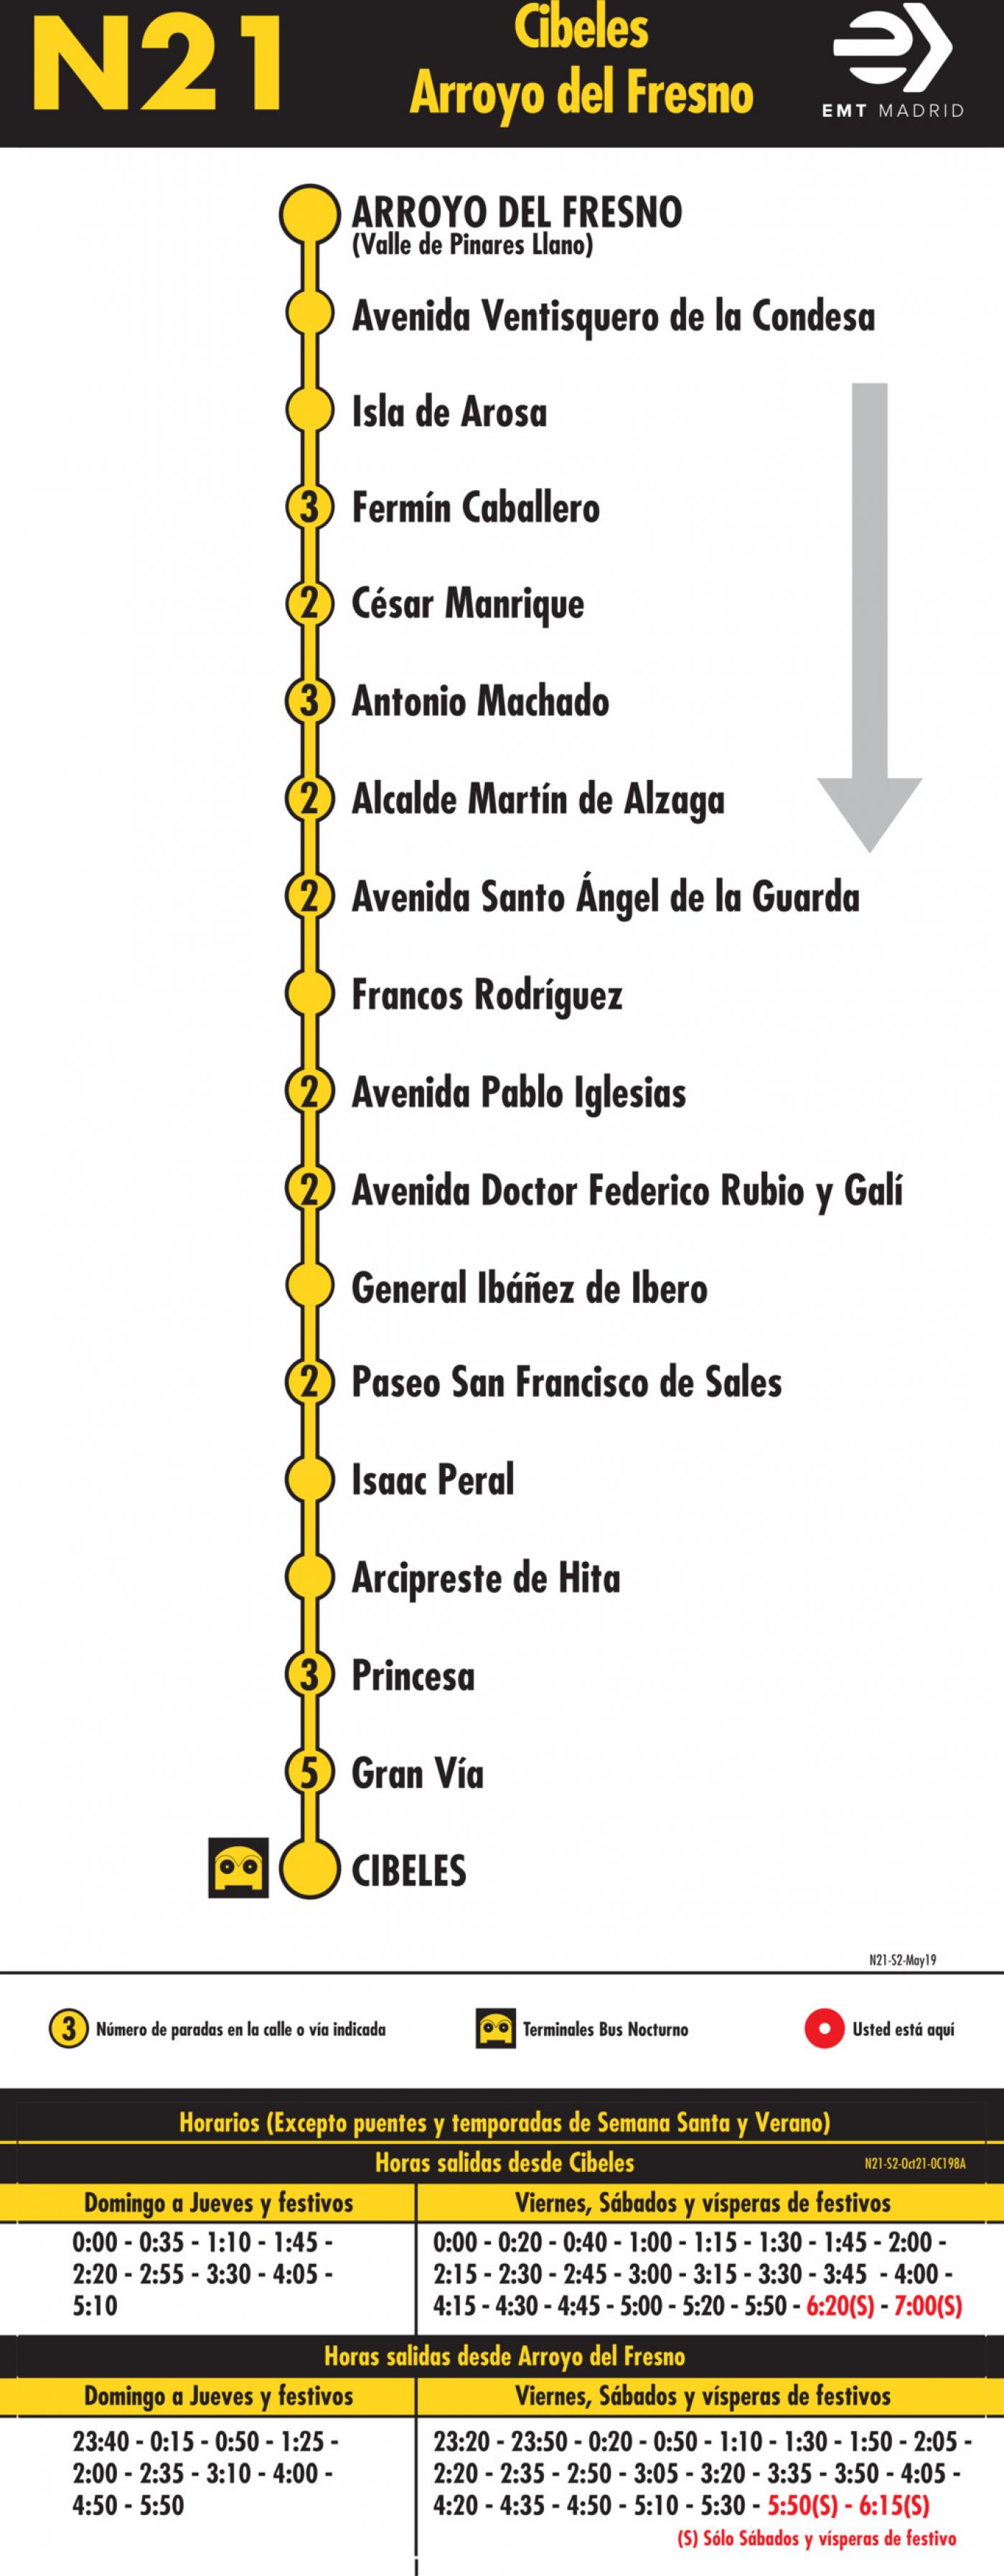 Tabla de horarios y frecuencias de paso en sentido vuelta Línea N21: Plaza de Cibeles - Arroyo del Fresno (búho)